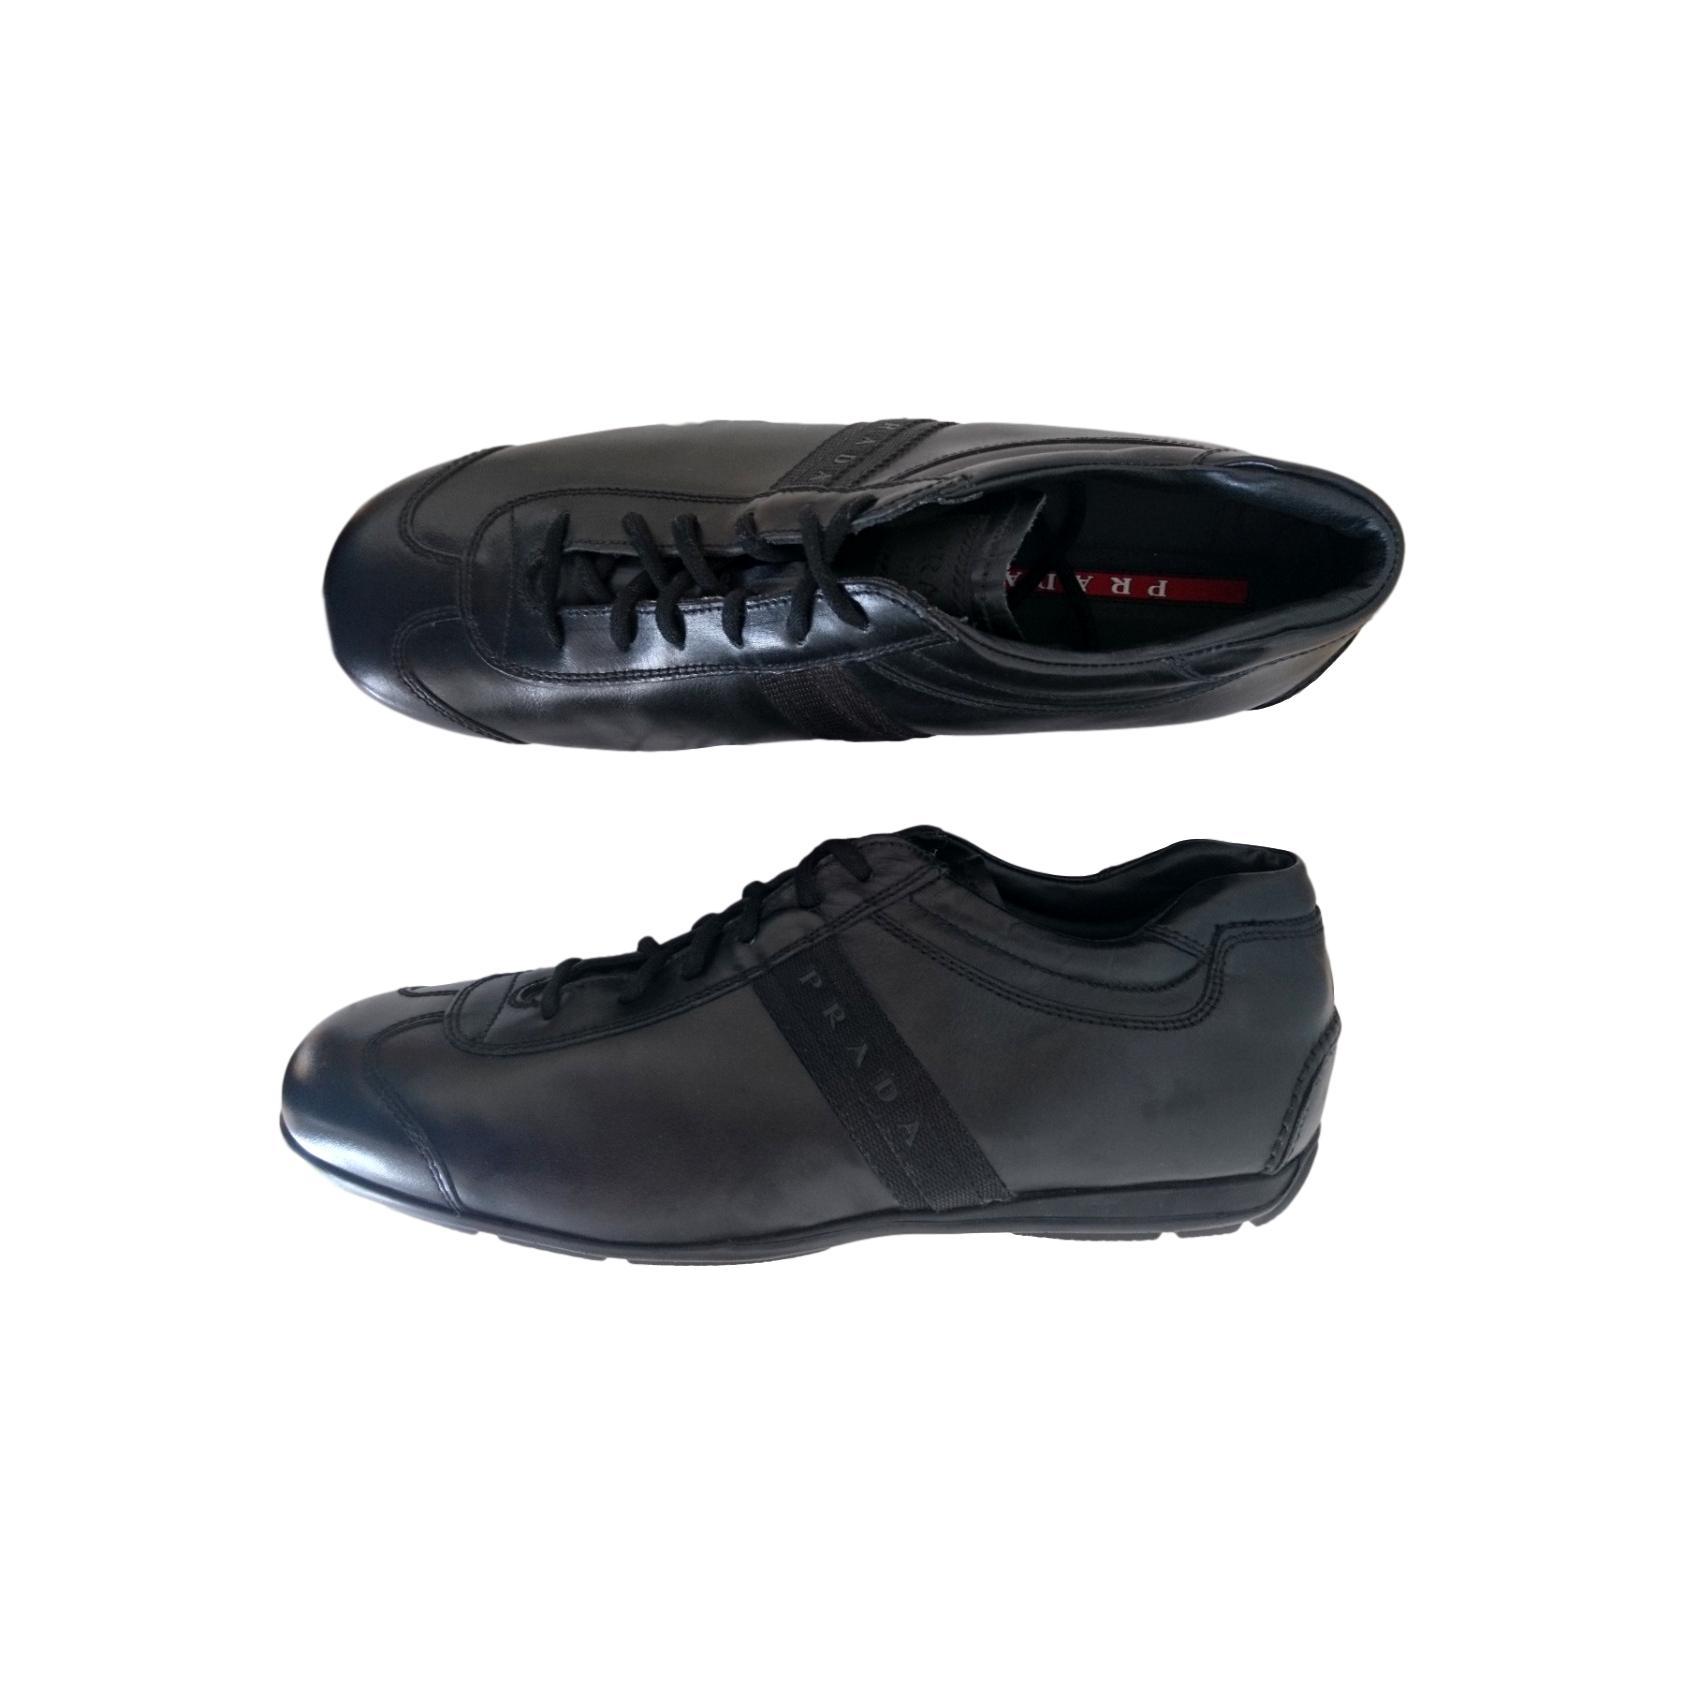 99813340 Купить кроссовки Prada за 27900 руб. в интернет магазине - бутике с ...